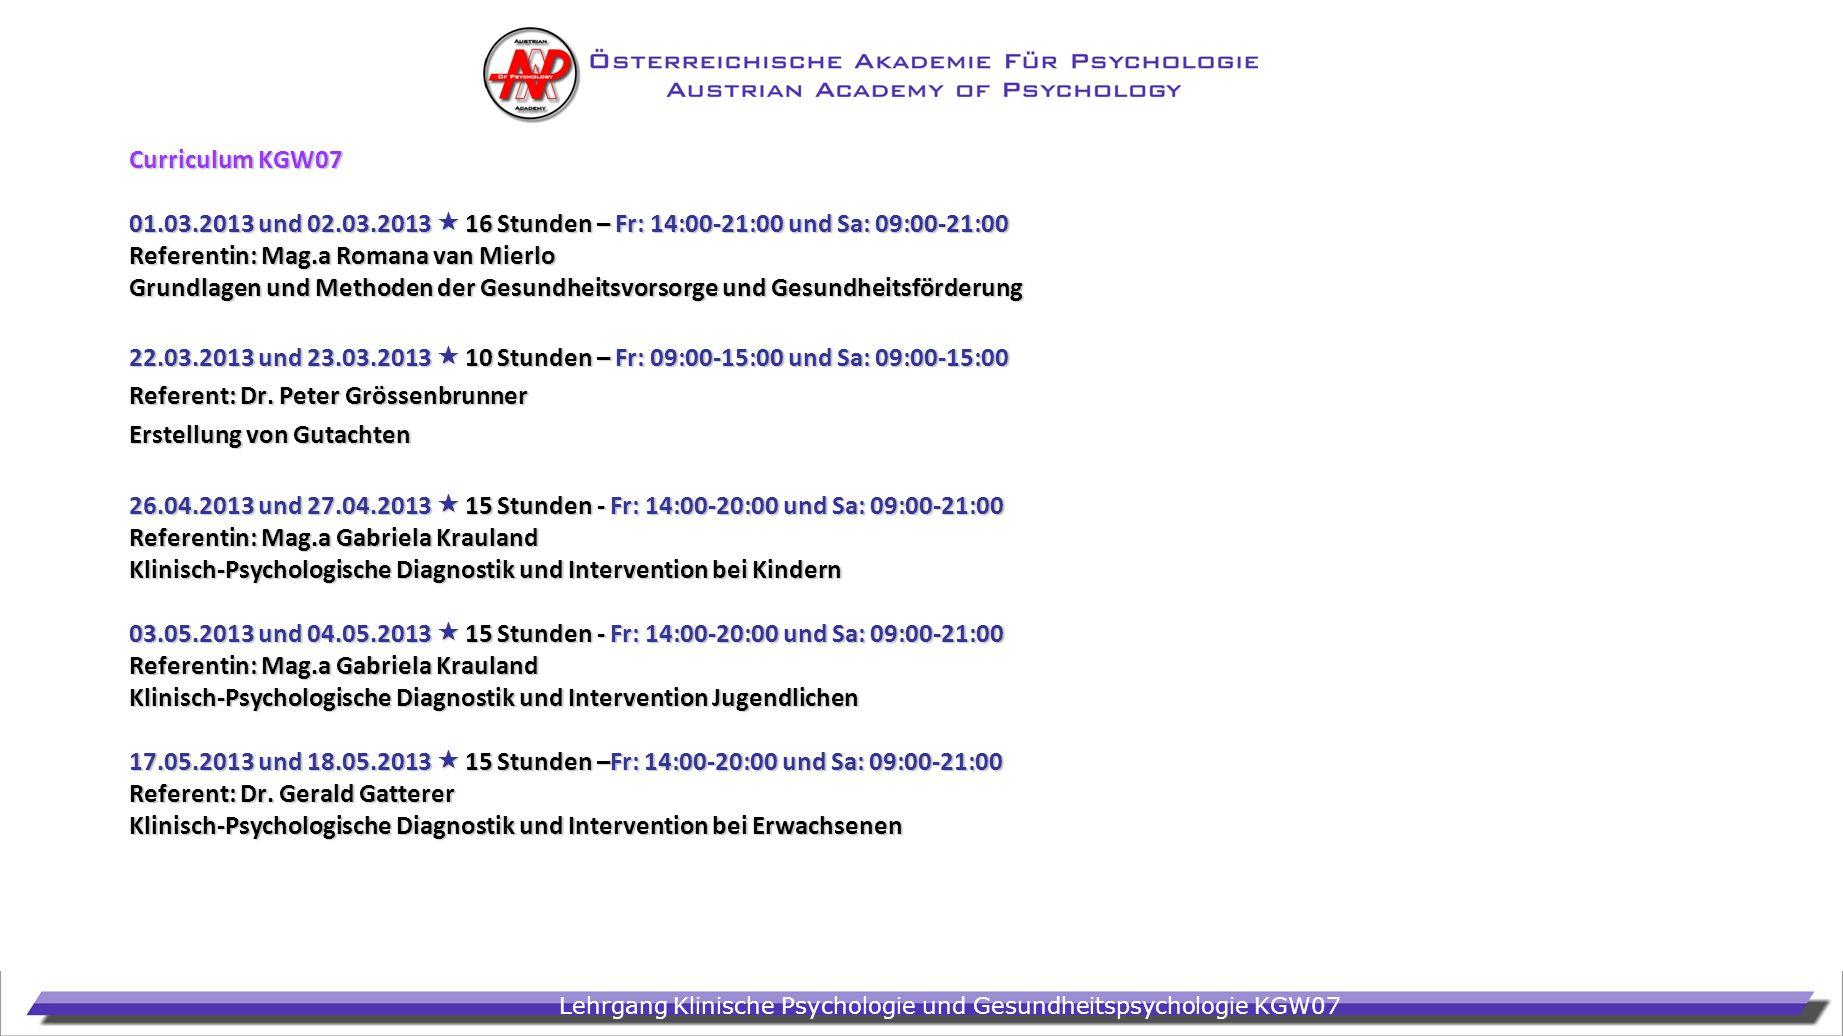 Lehrgang Klinische Psychologie und Gesundheitspsychologie KGW07 Curriculum KGW07 01.03.2013 und 02.03.2013 16 Stunden – Fr: 14:00-21:00 und Sa: 09:00-